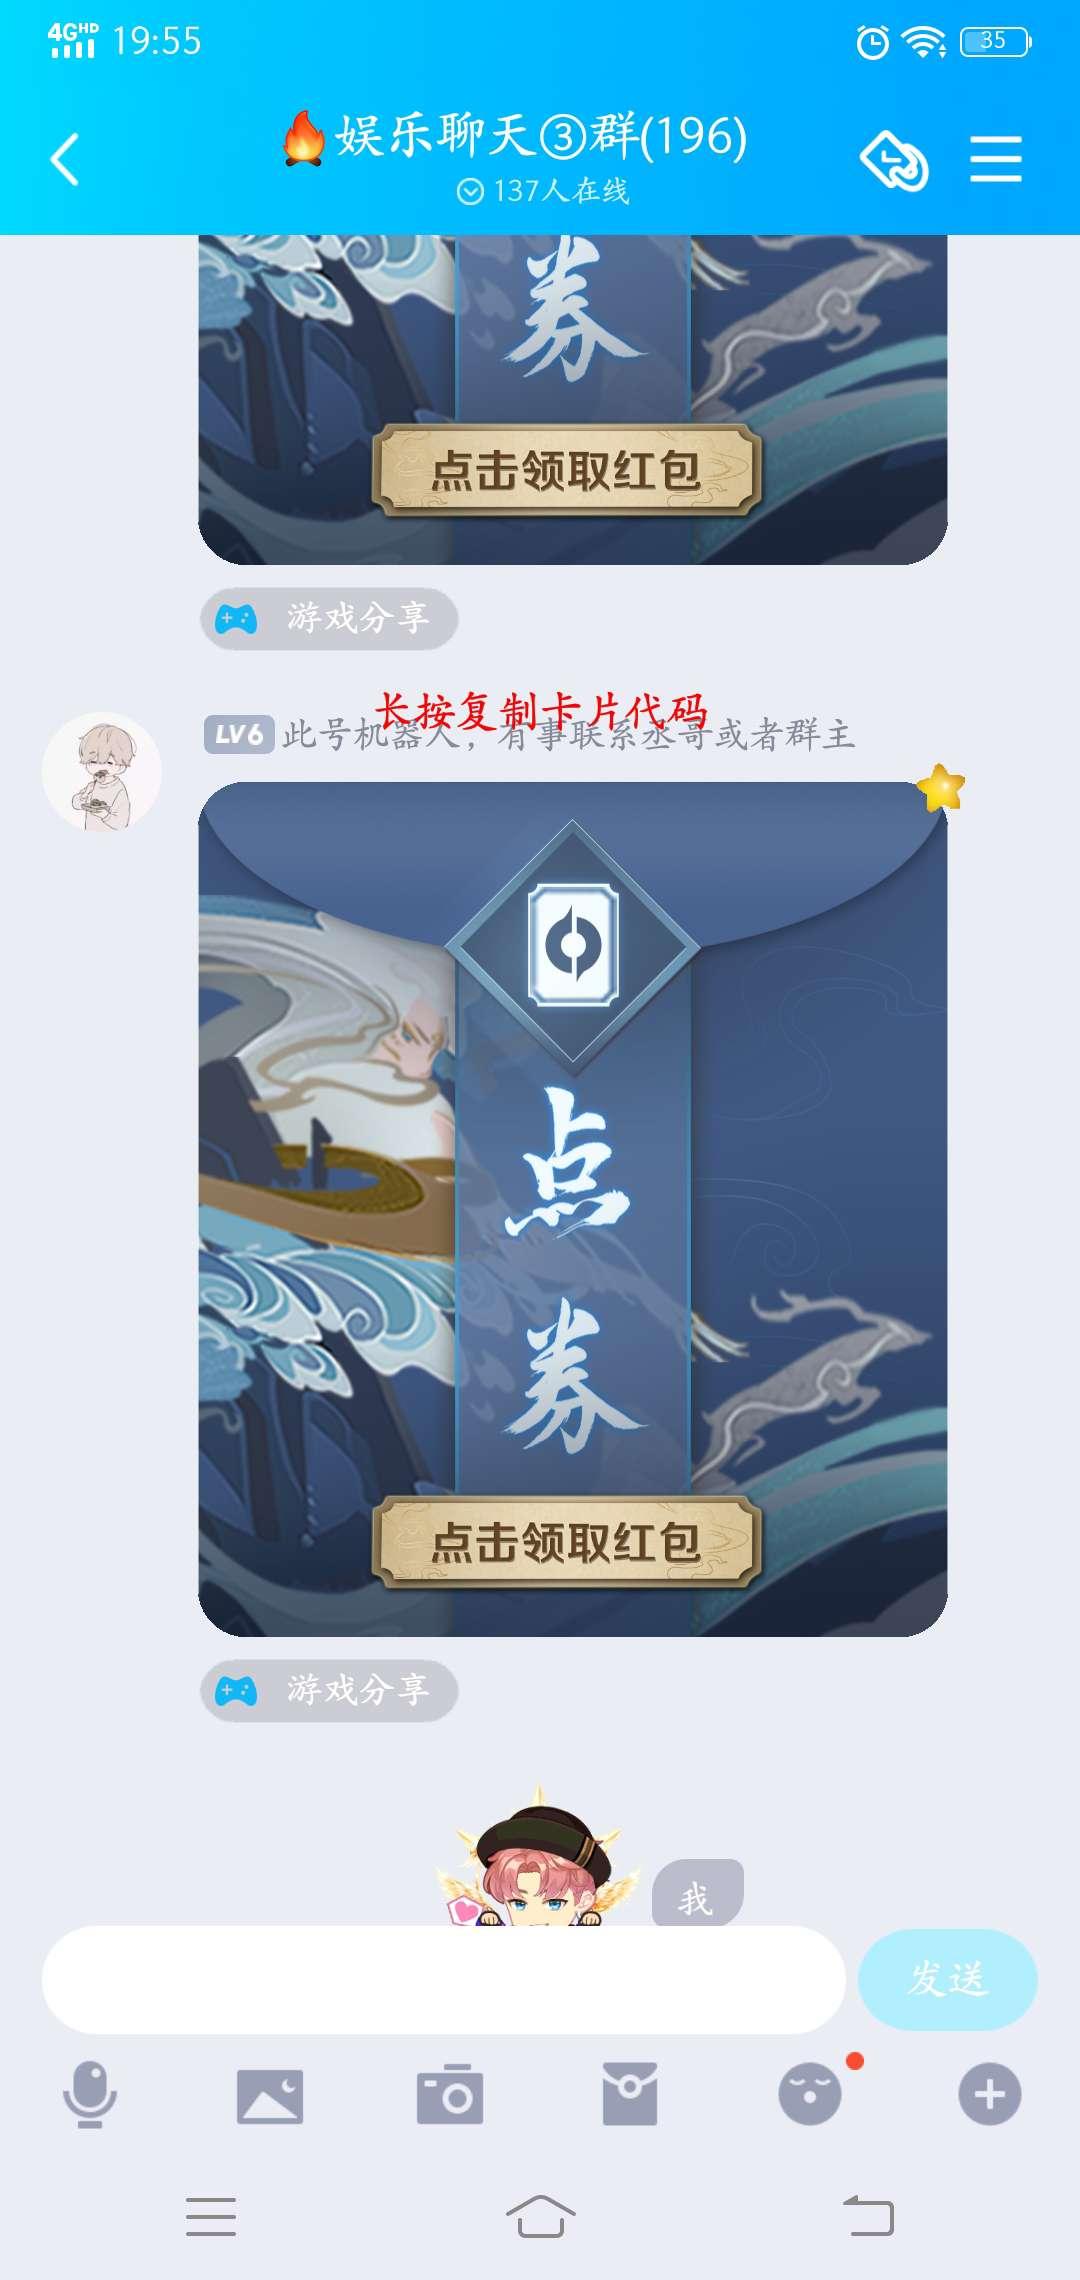 点券假QQ红包引流代码,跳转加群(已更新)